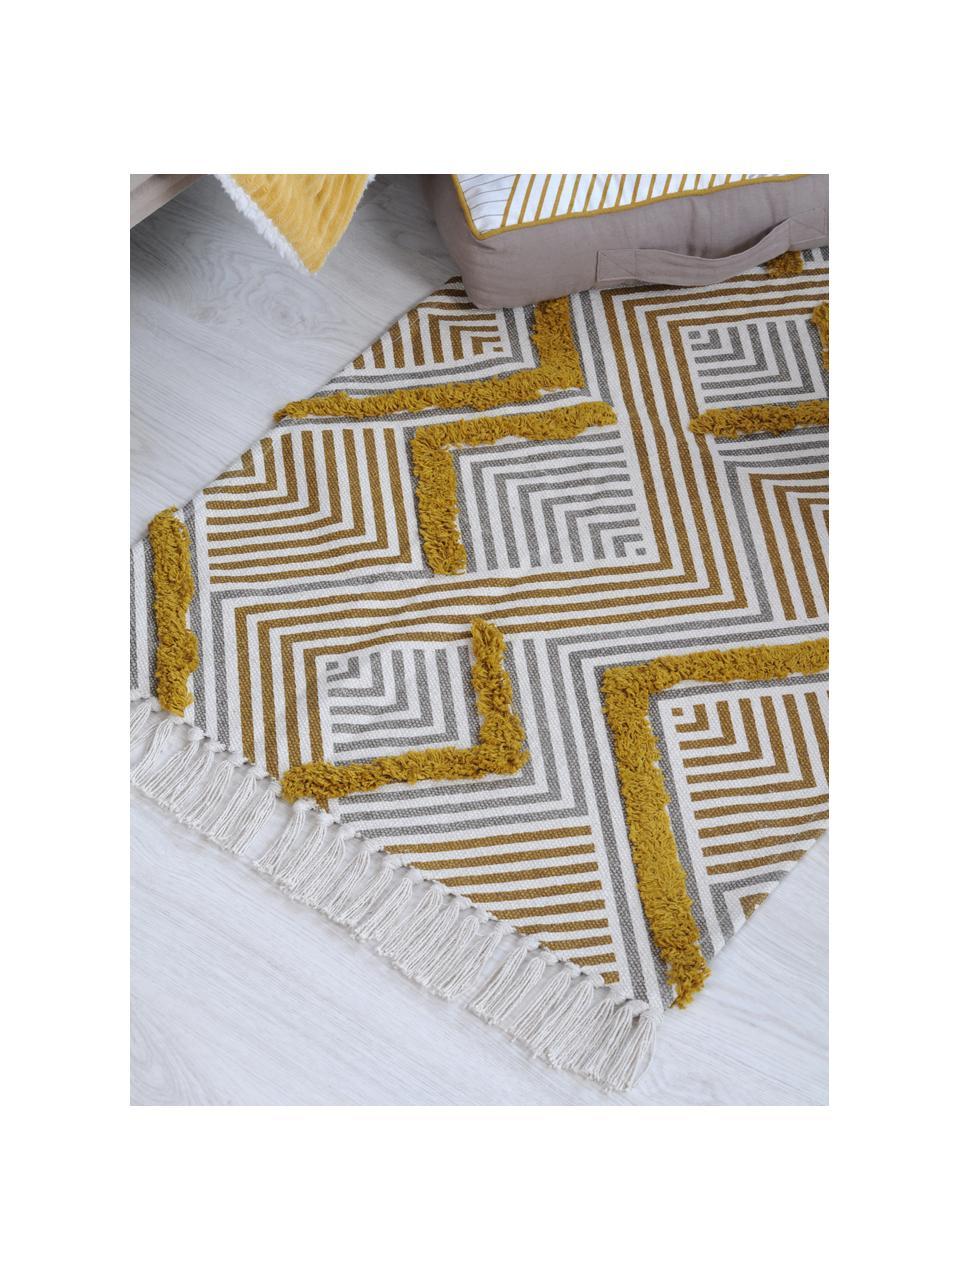 Kleiner Ethno Teppich Chicago mit Hoch-Tief-Struktur und Fransen, 100% Baumwolle, Senfgelb, Beige, Cremefarben, B 60 x L 90 cm (Größe XXS)